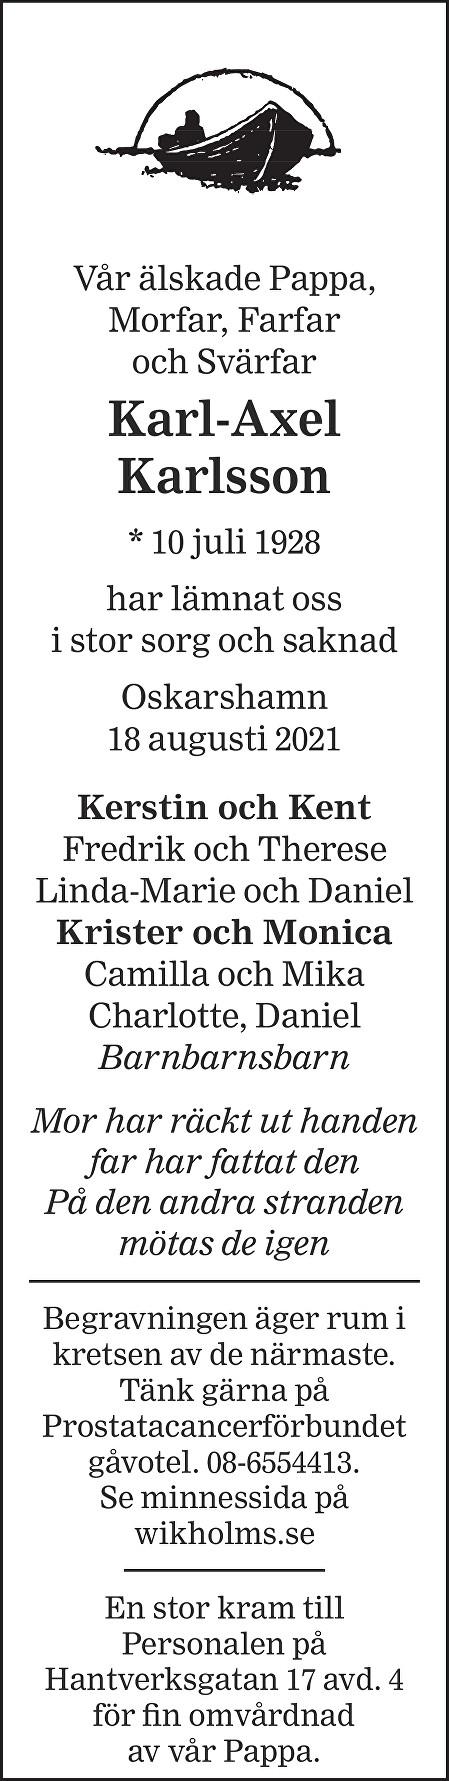 Karl-Axel Karlsson Death notice